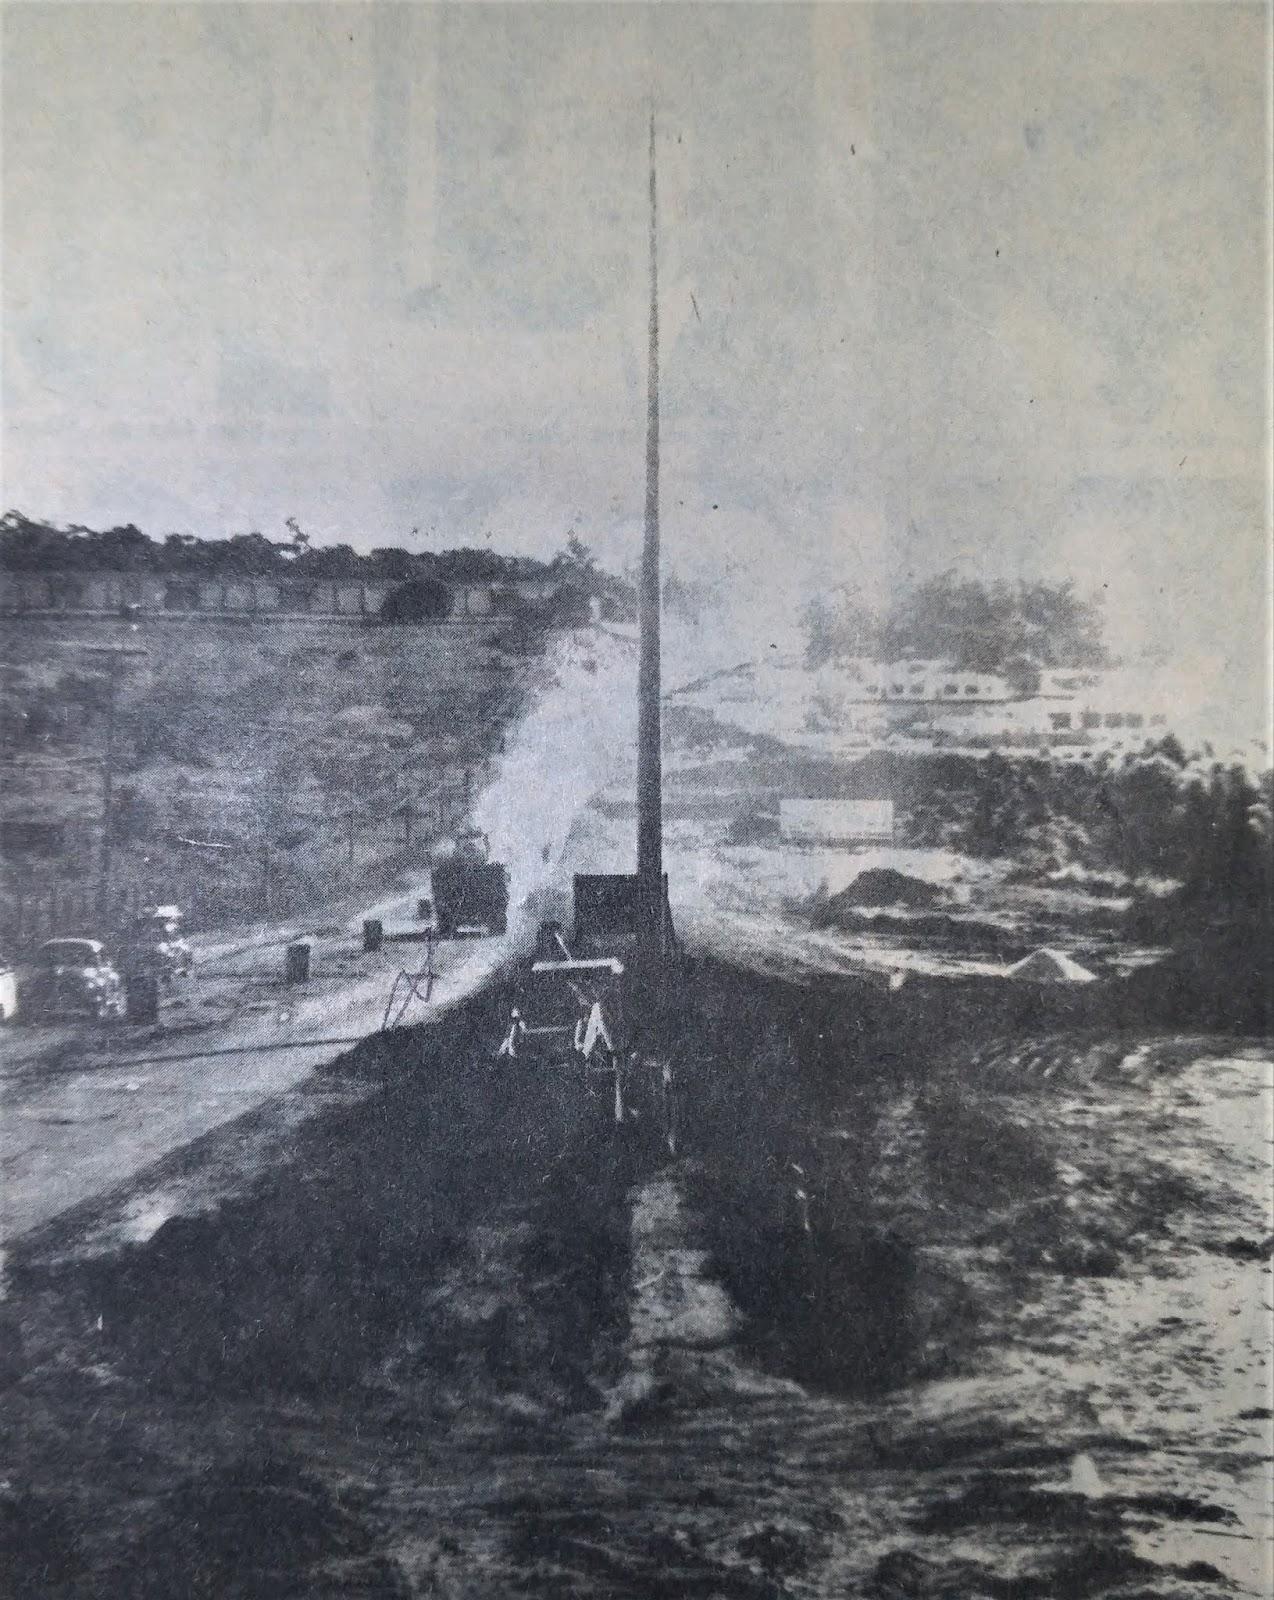 Obras no trecho final da avenida Colombo - 1985